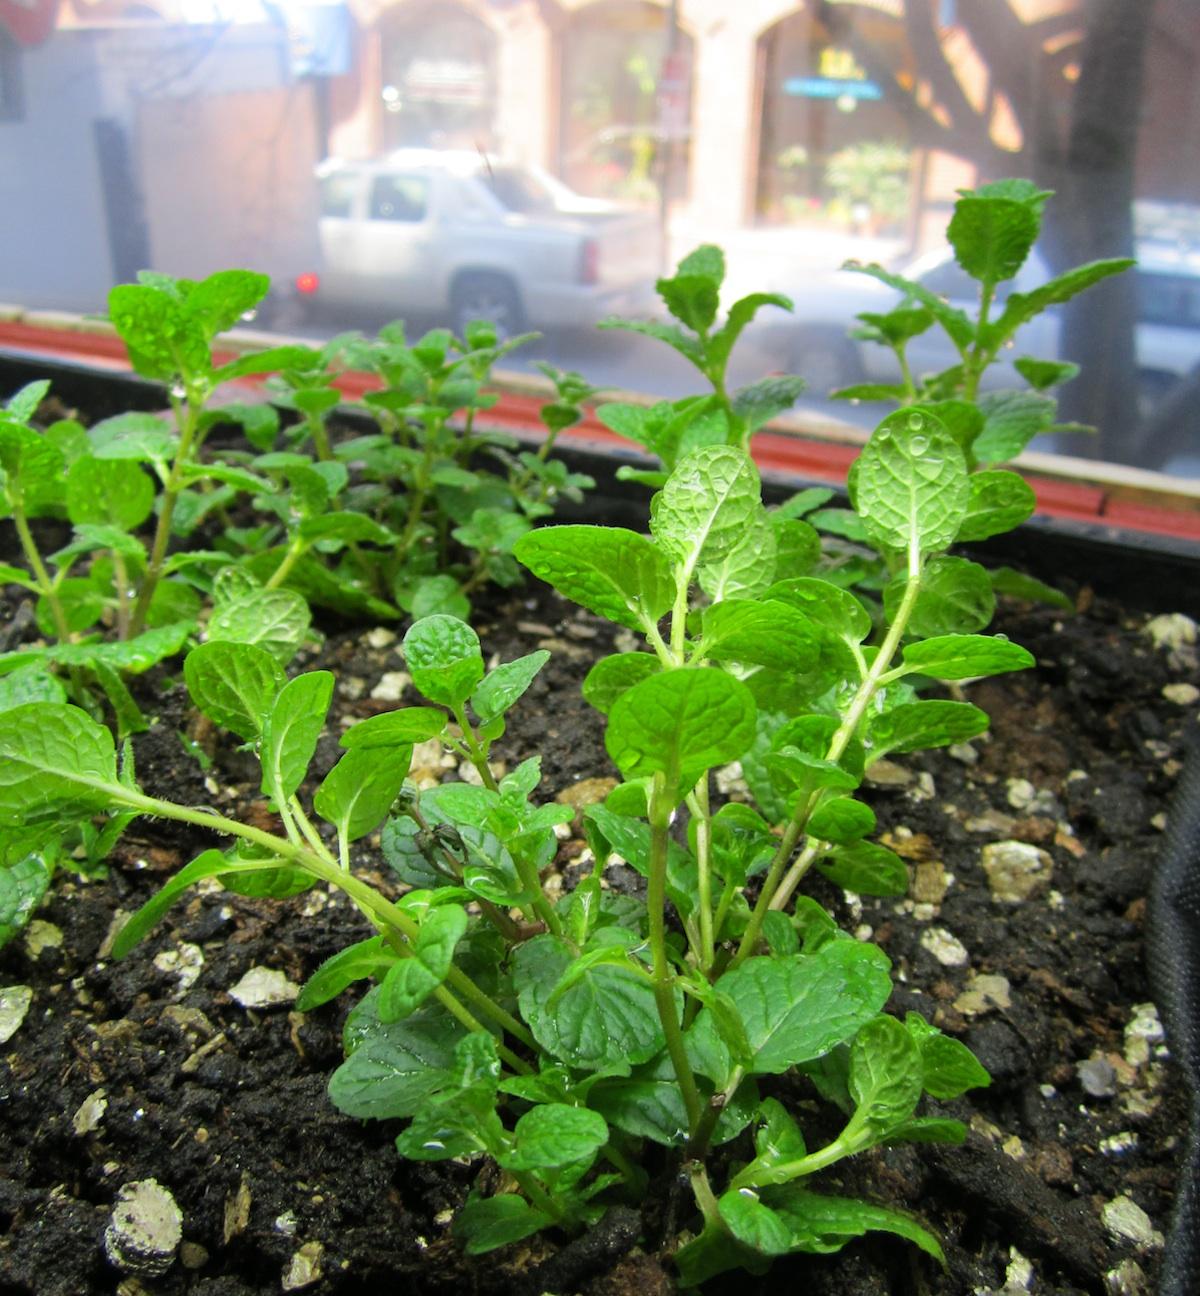 Tips For Indoor Gardening: Five Tips For Indoor Gardening This Winter